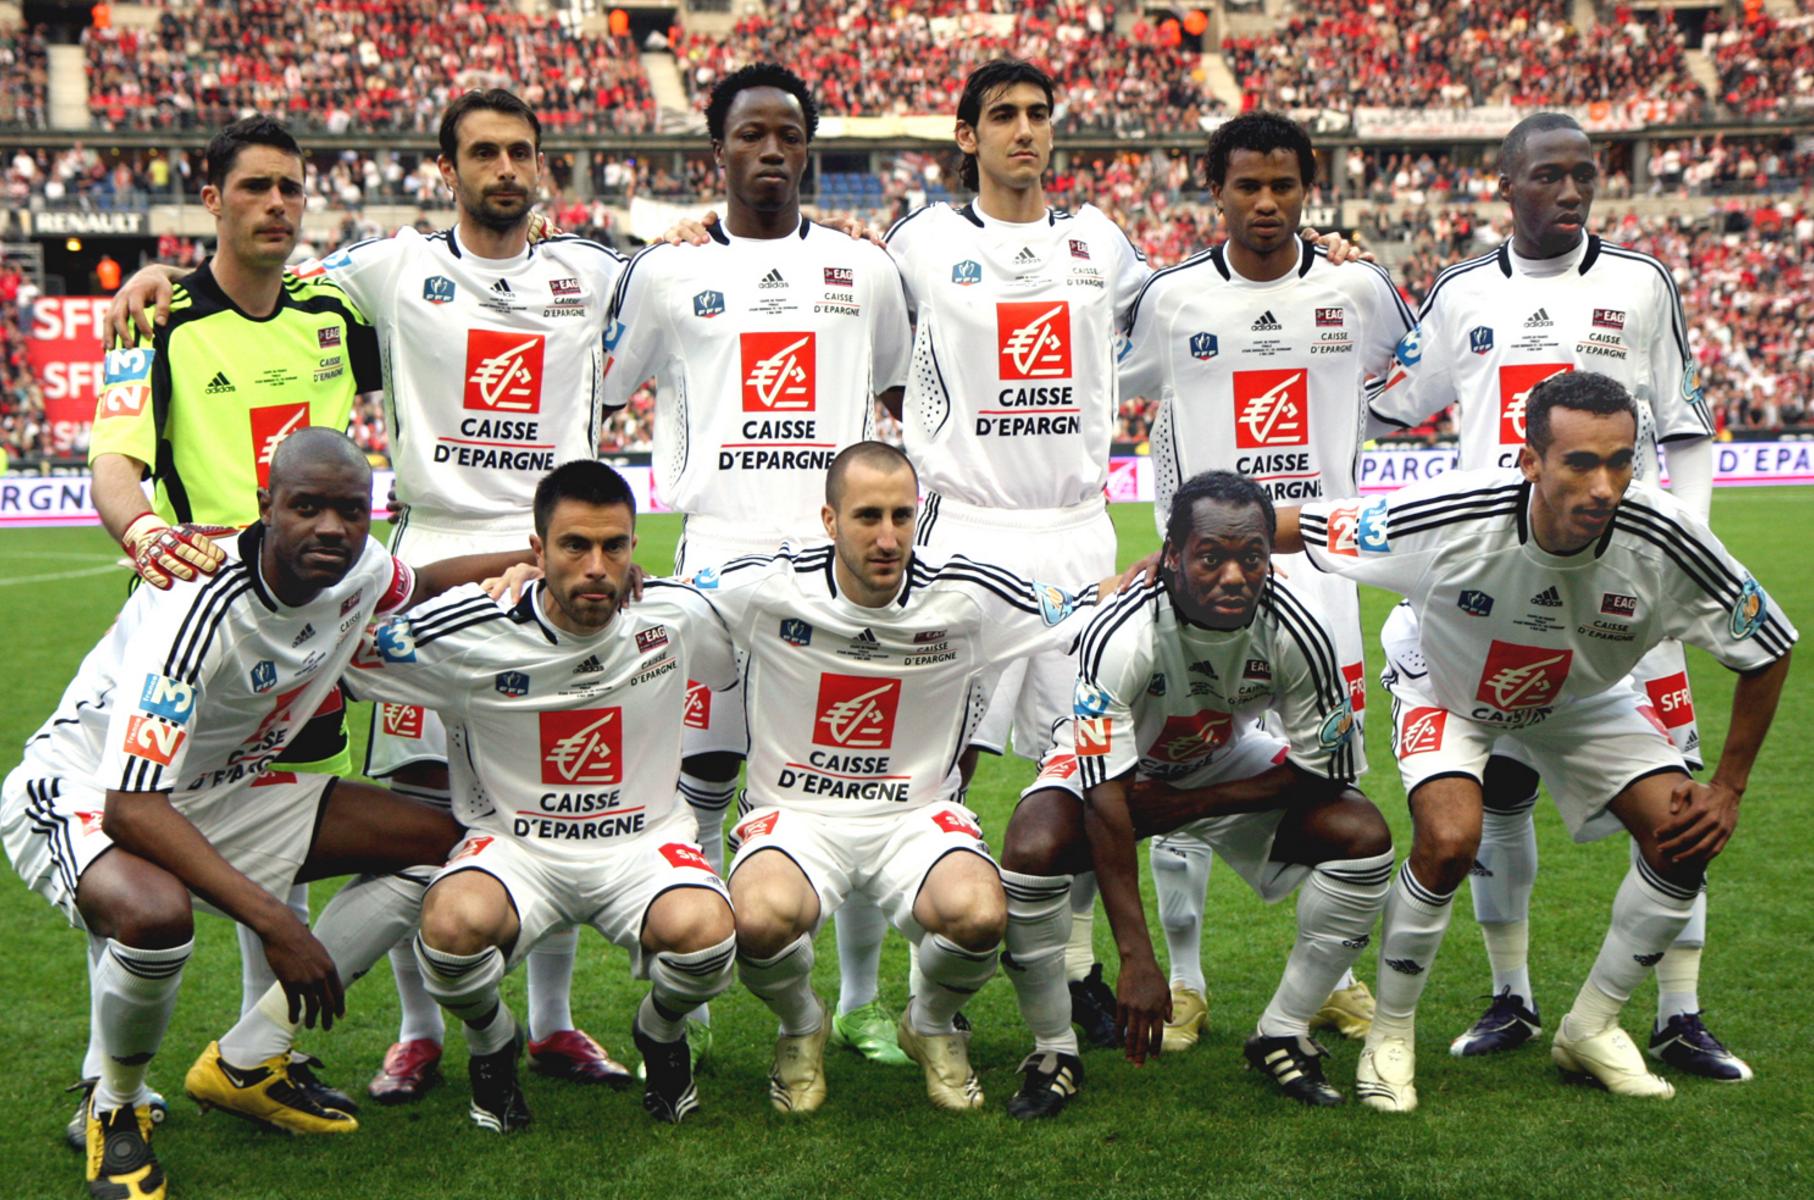 2008 2010 la coupe de france 2009 en avant de guingamp - Guingamp coupe de france 2009 ...